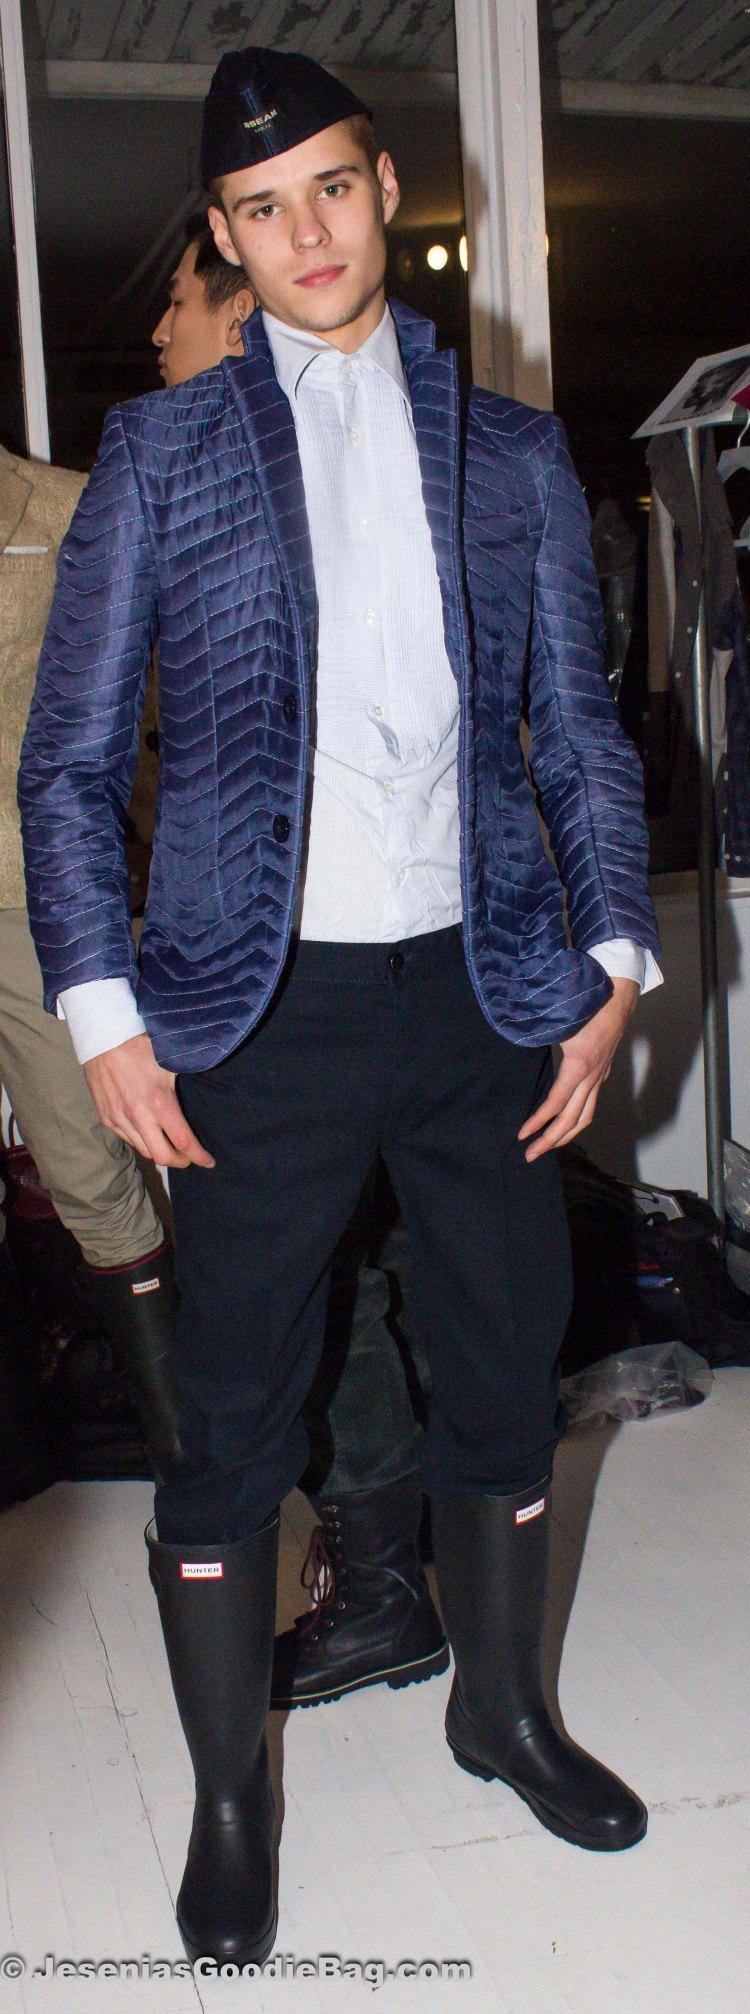 Backstage (Model: Laurence Rodriguez)